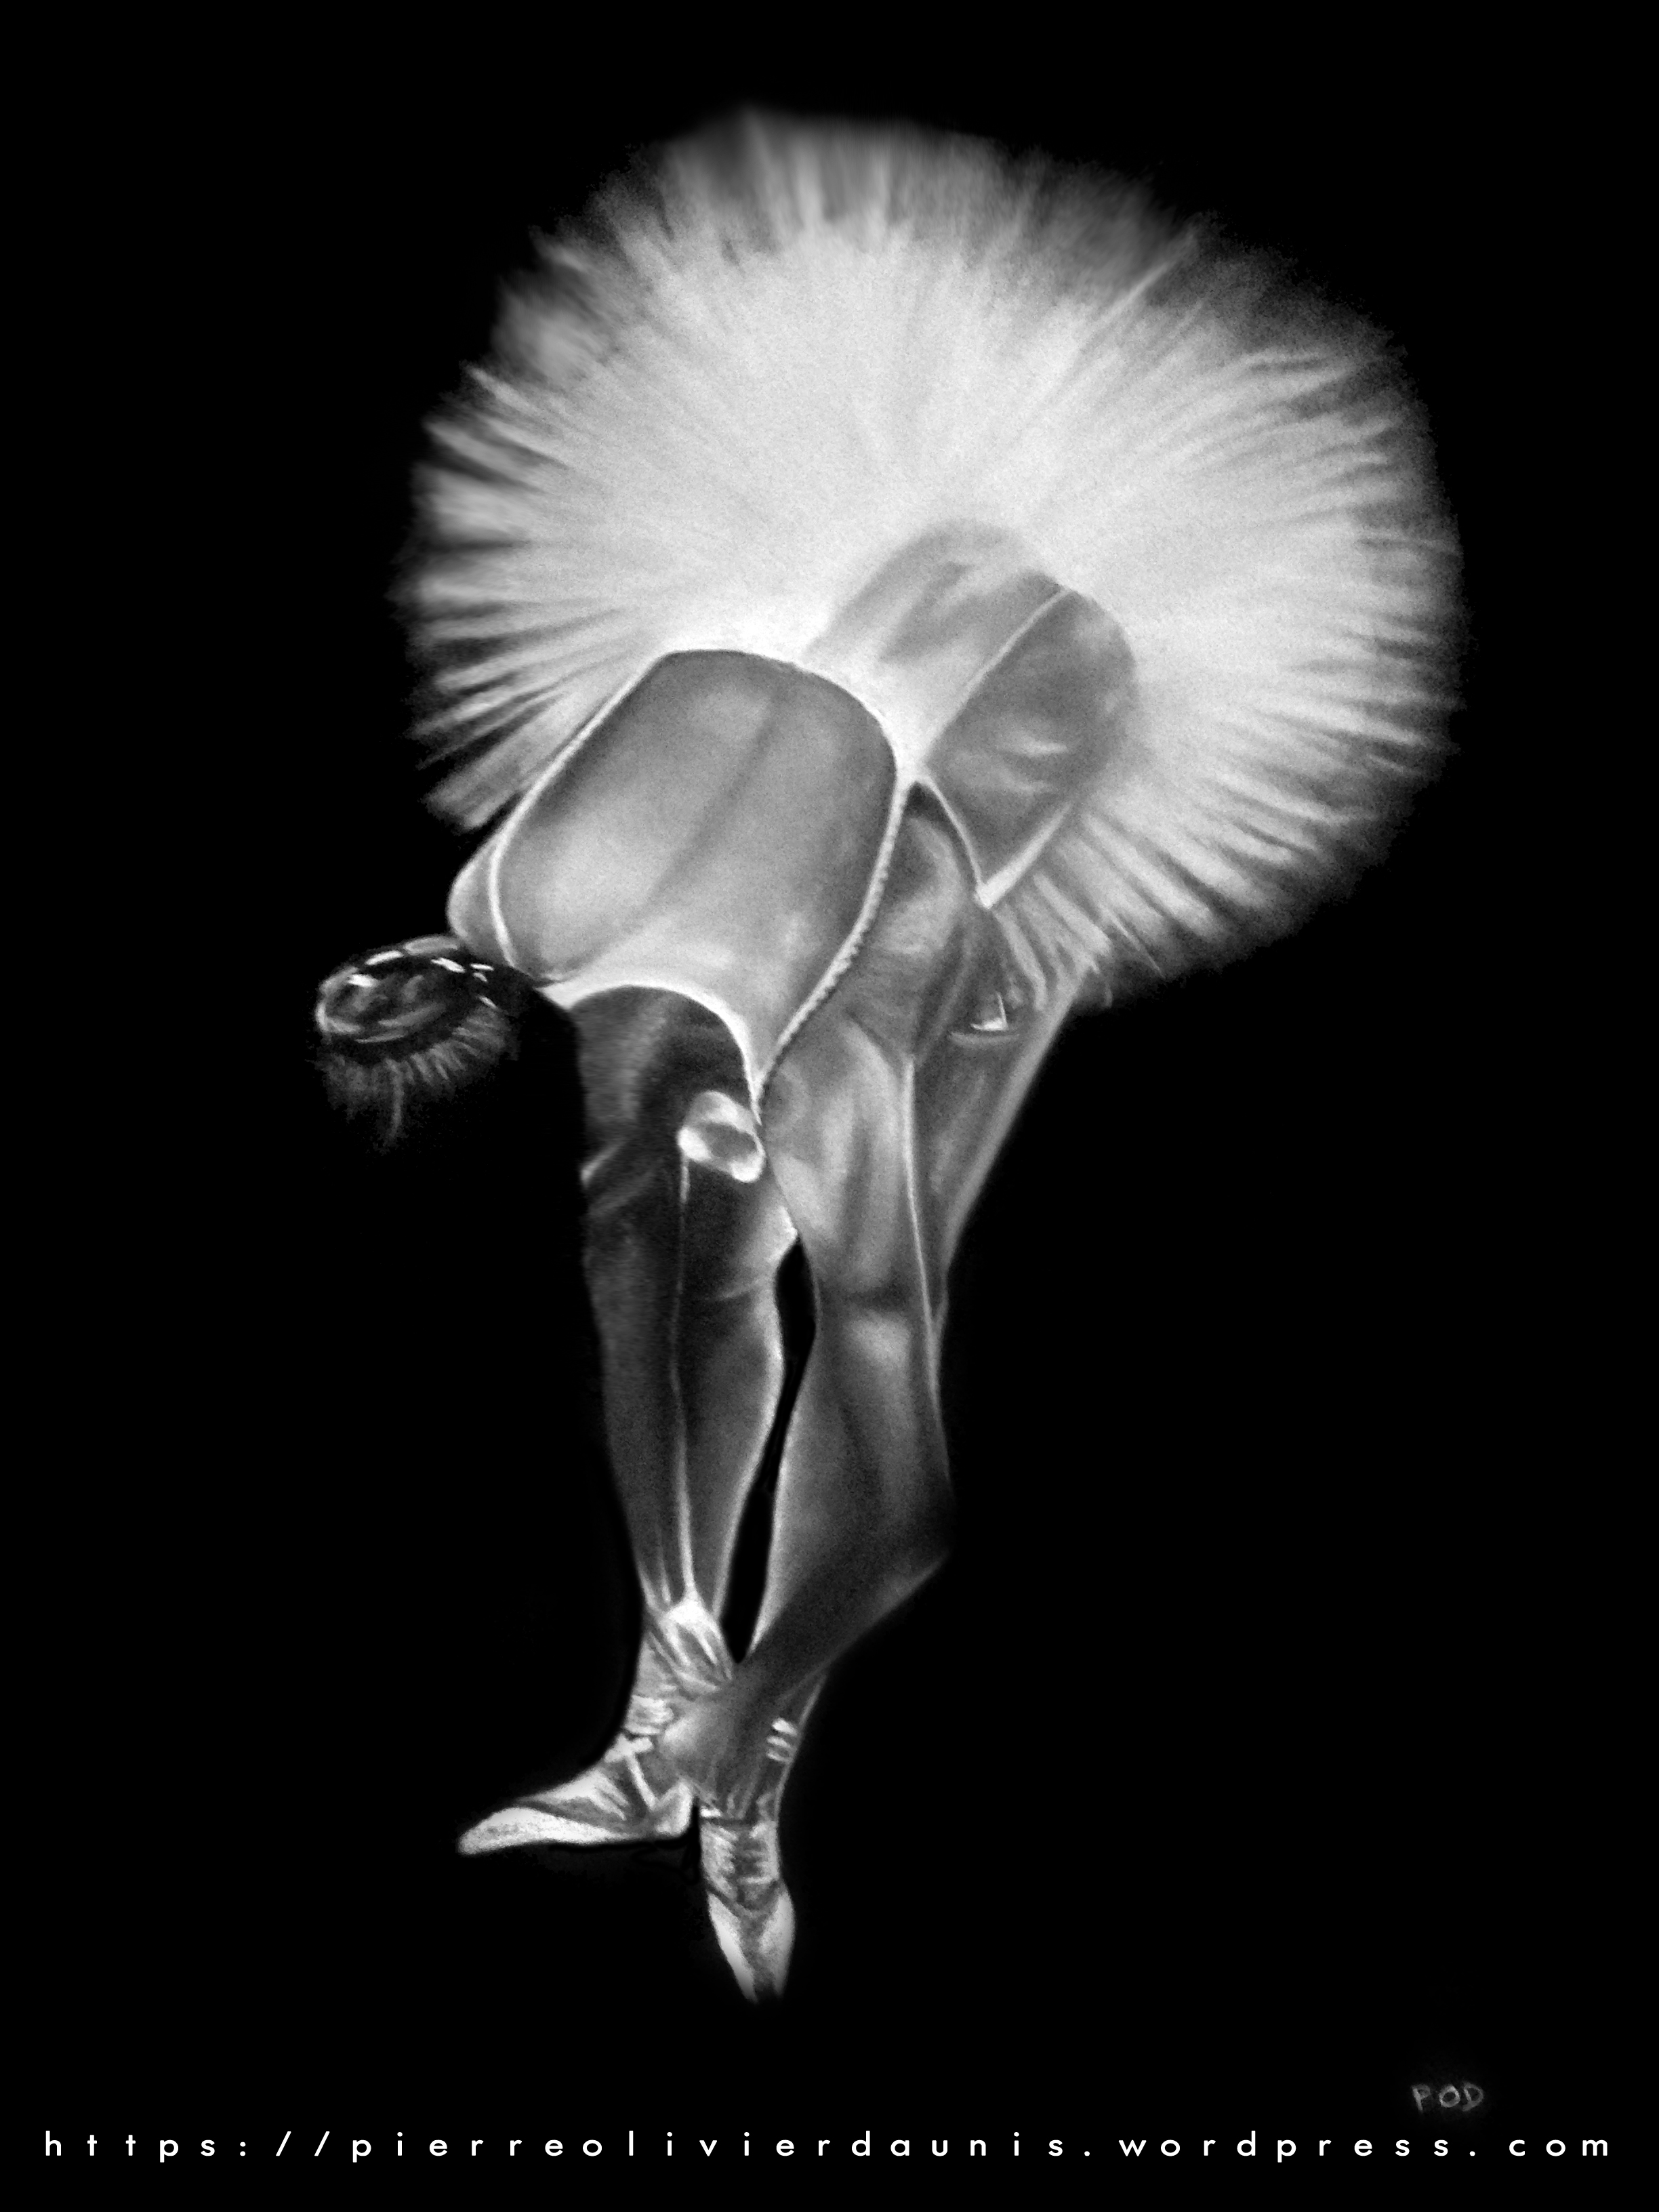 tableau de danseuse au pastel sec n°3 classique ballerine déco design moderne contemporain au pastel sec - modern dancer painting - fine art